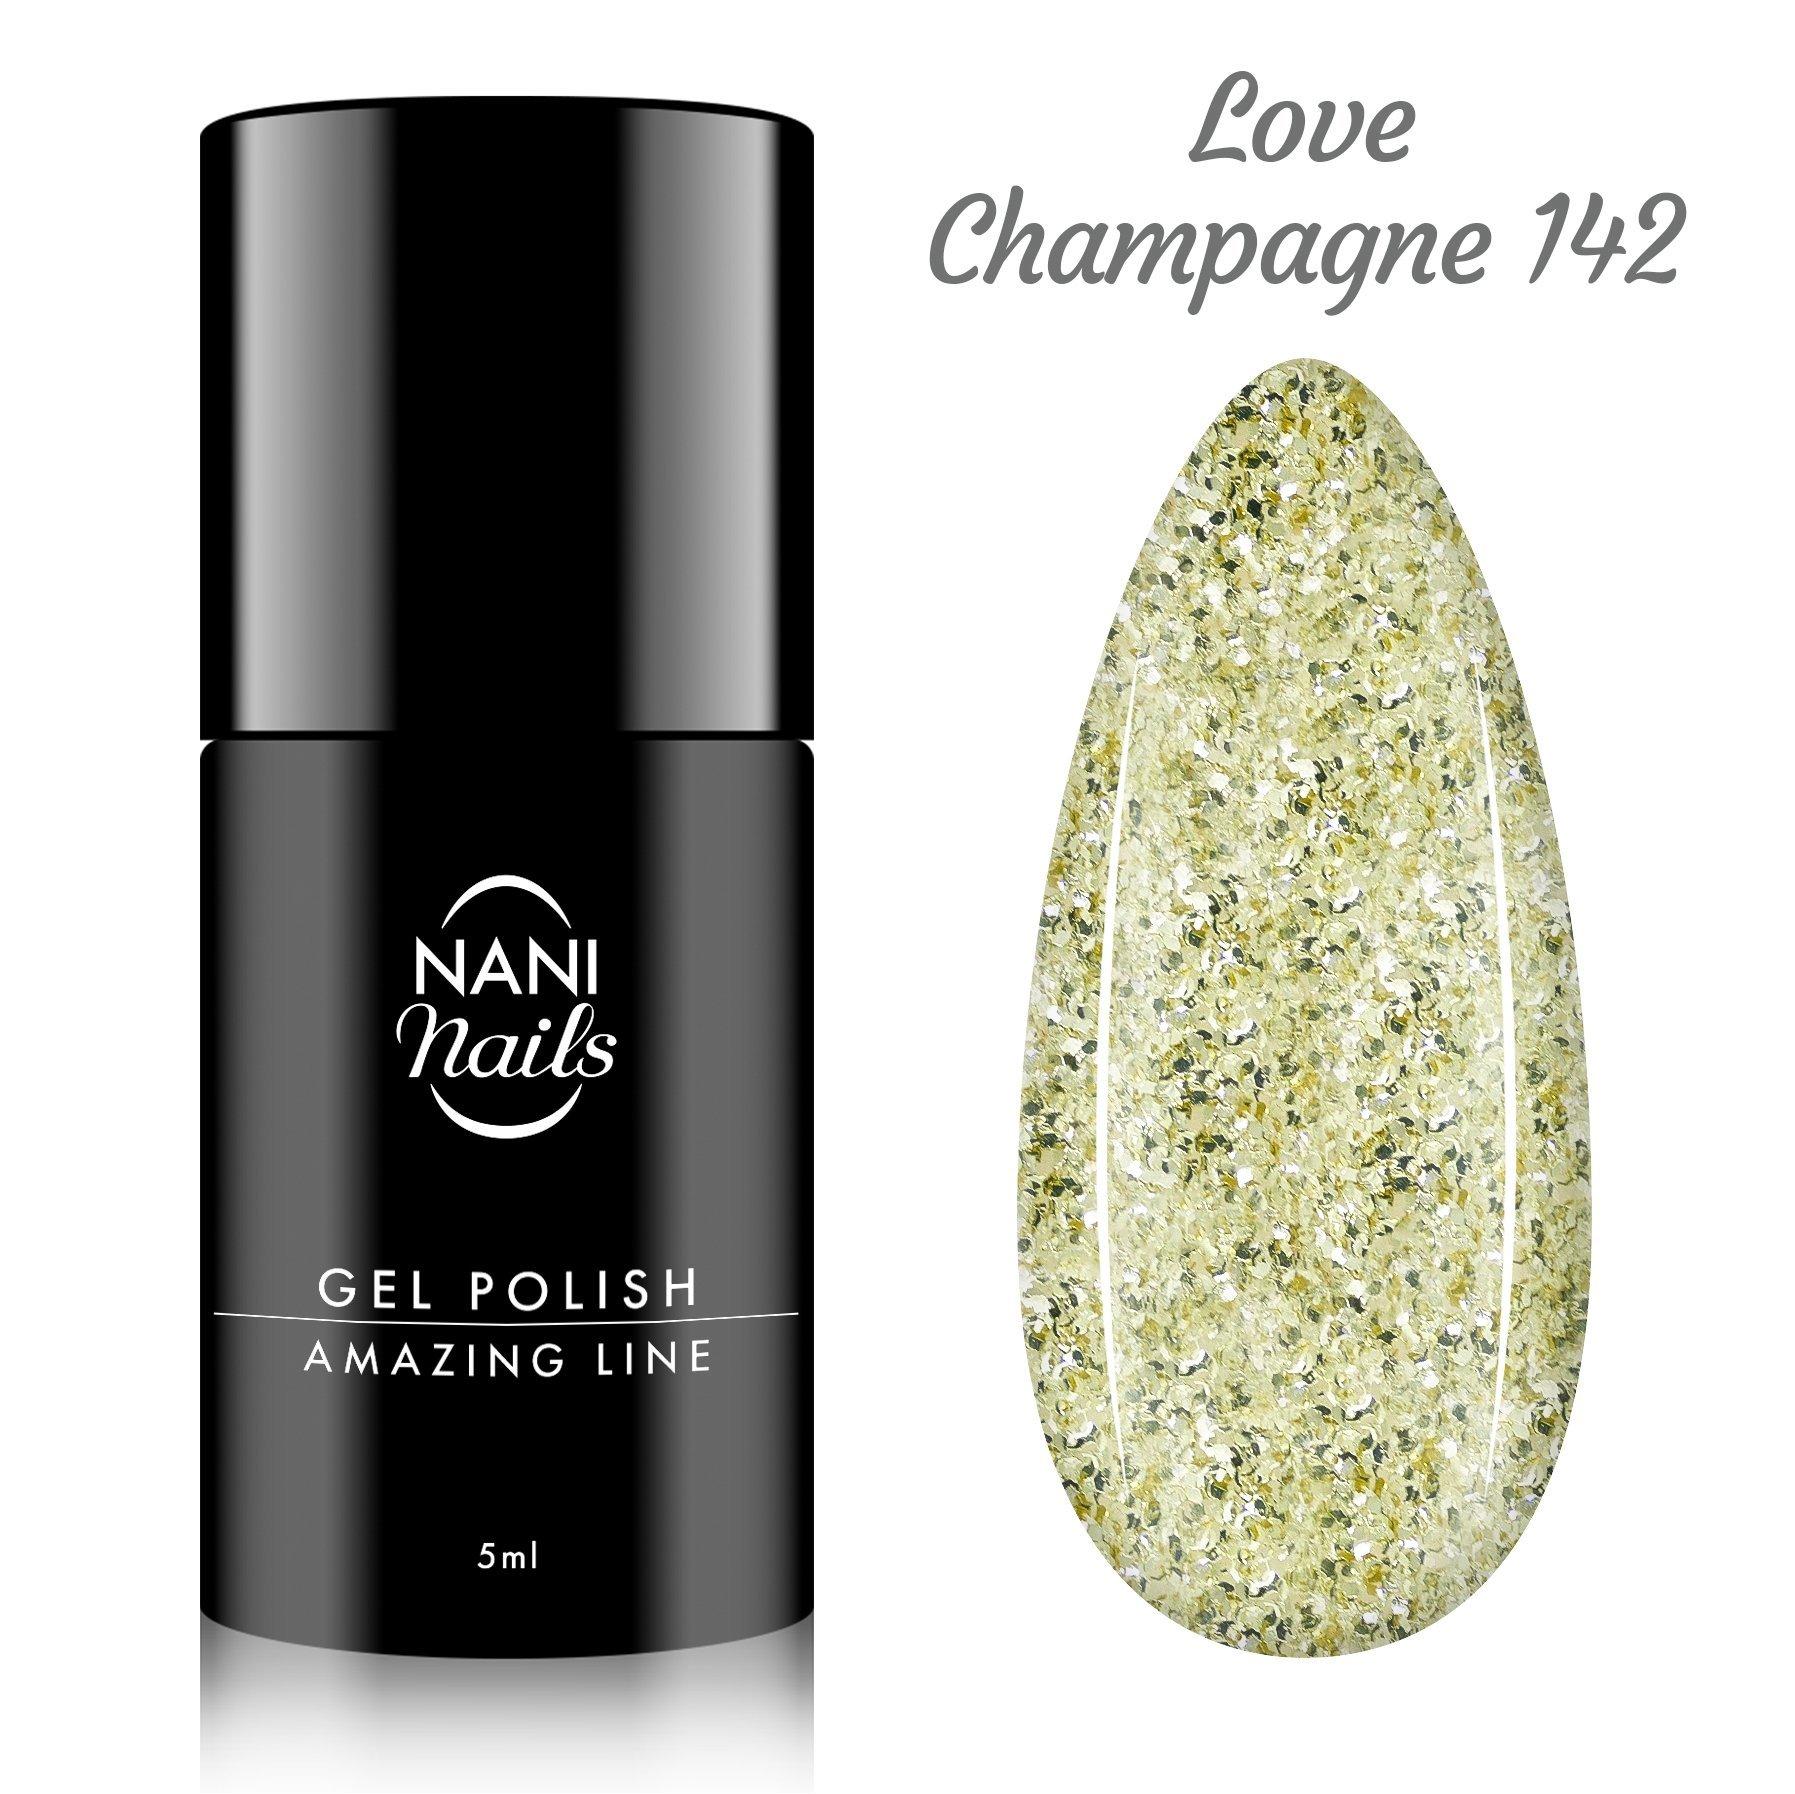 NANI gél lak Amazing Line 5 ml - Love Champagne